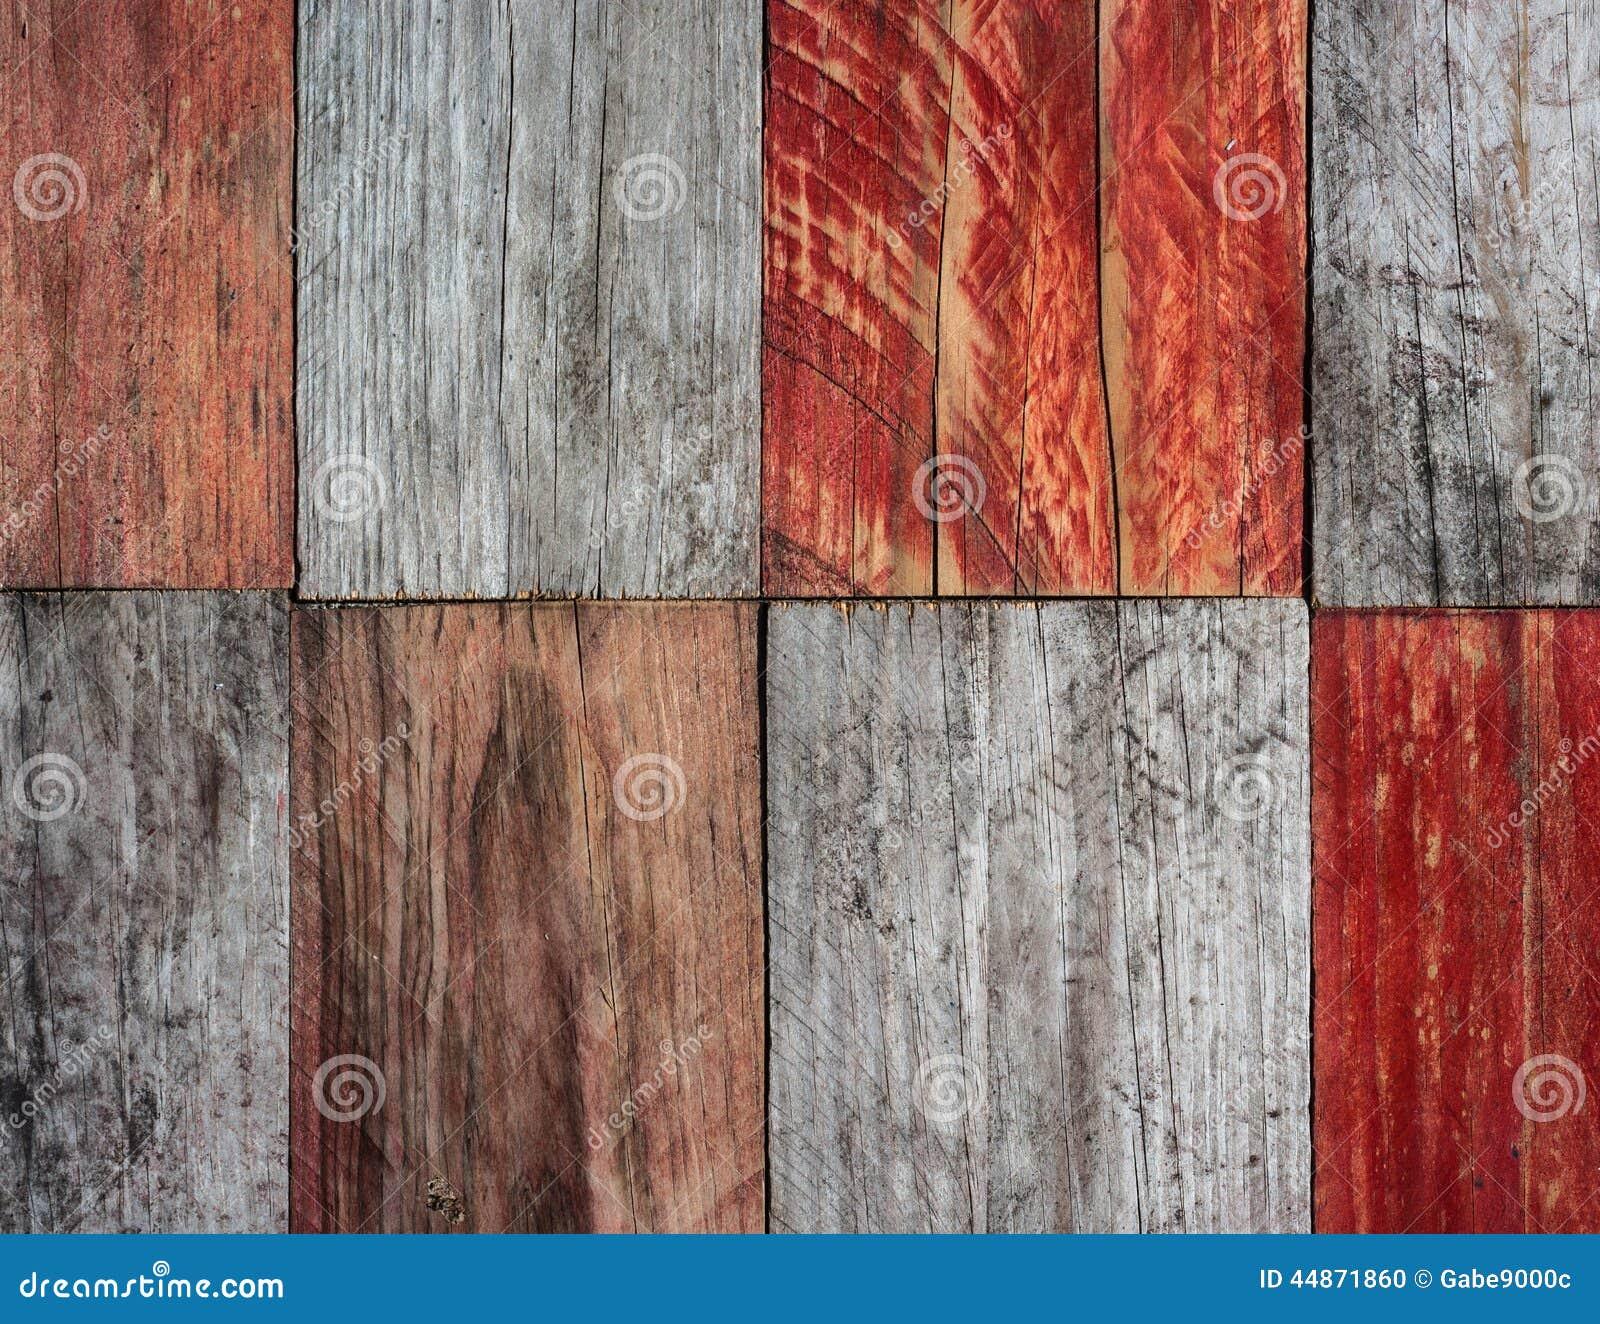 纹理木板条背景